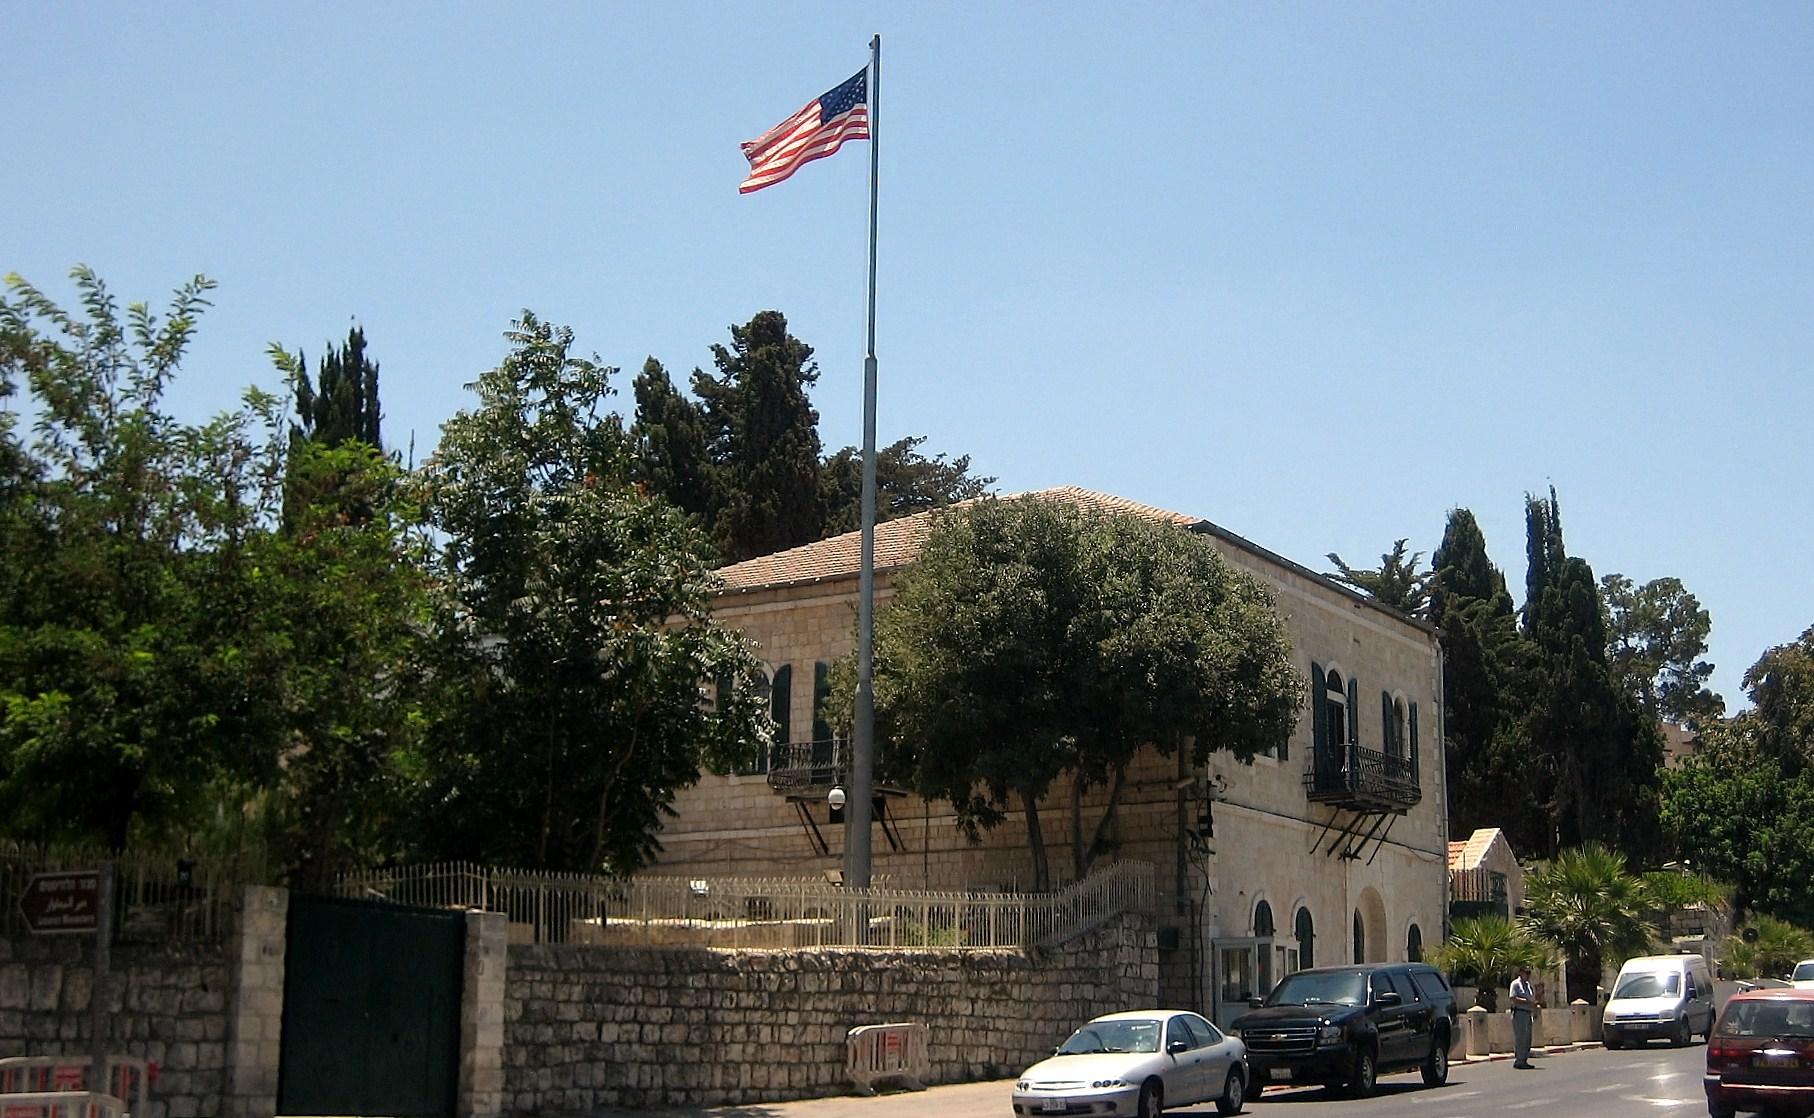 美國駐耶路撒冷領事館降級 併入駐以大使館